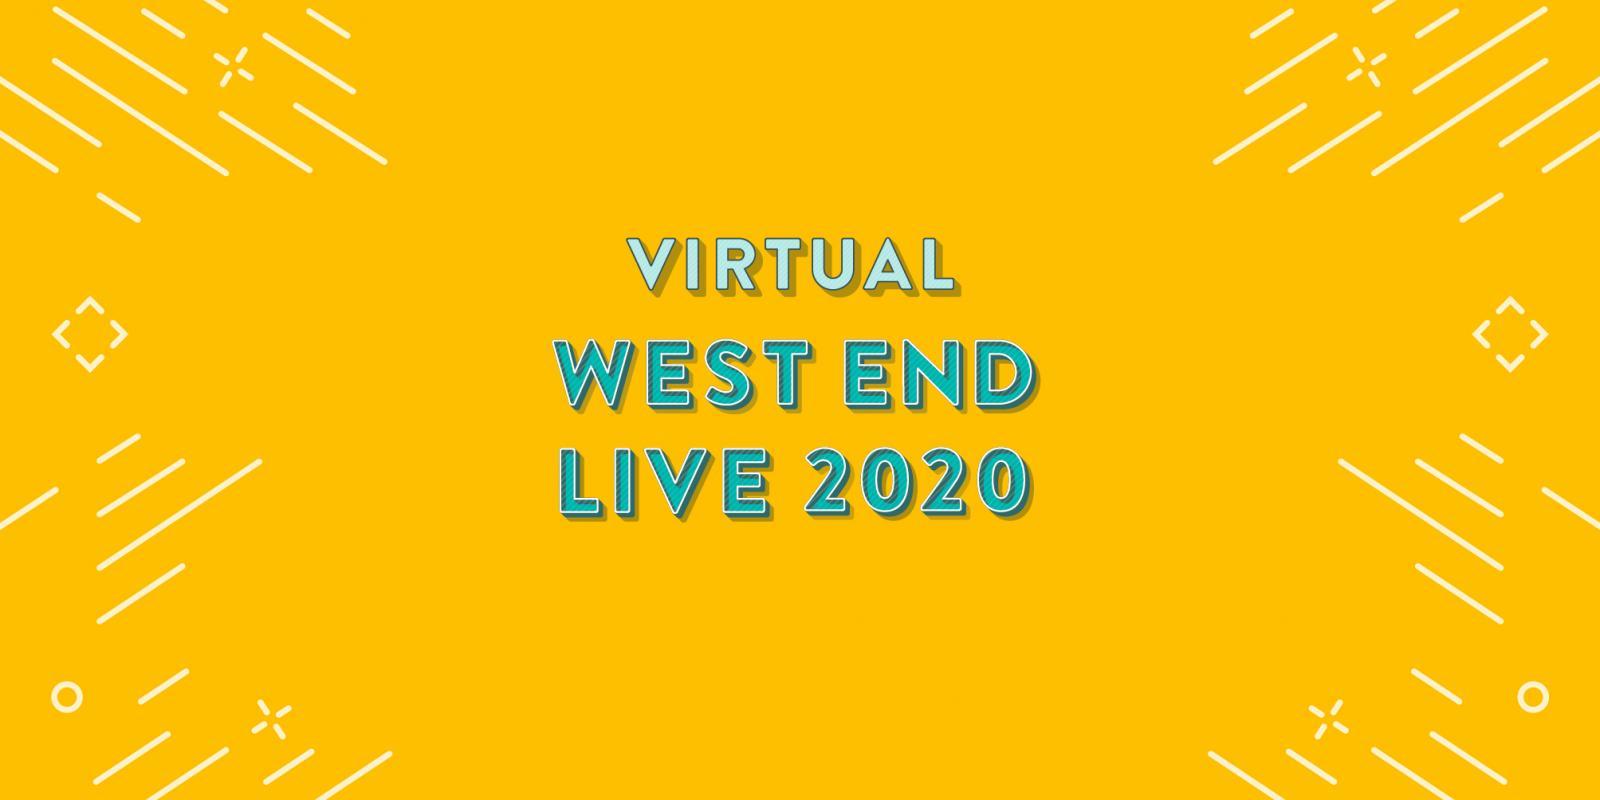 Virtual West End Live 2020: ecco il programma ufficiale!